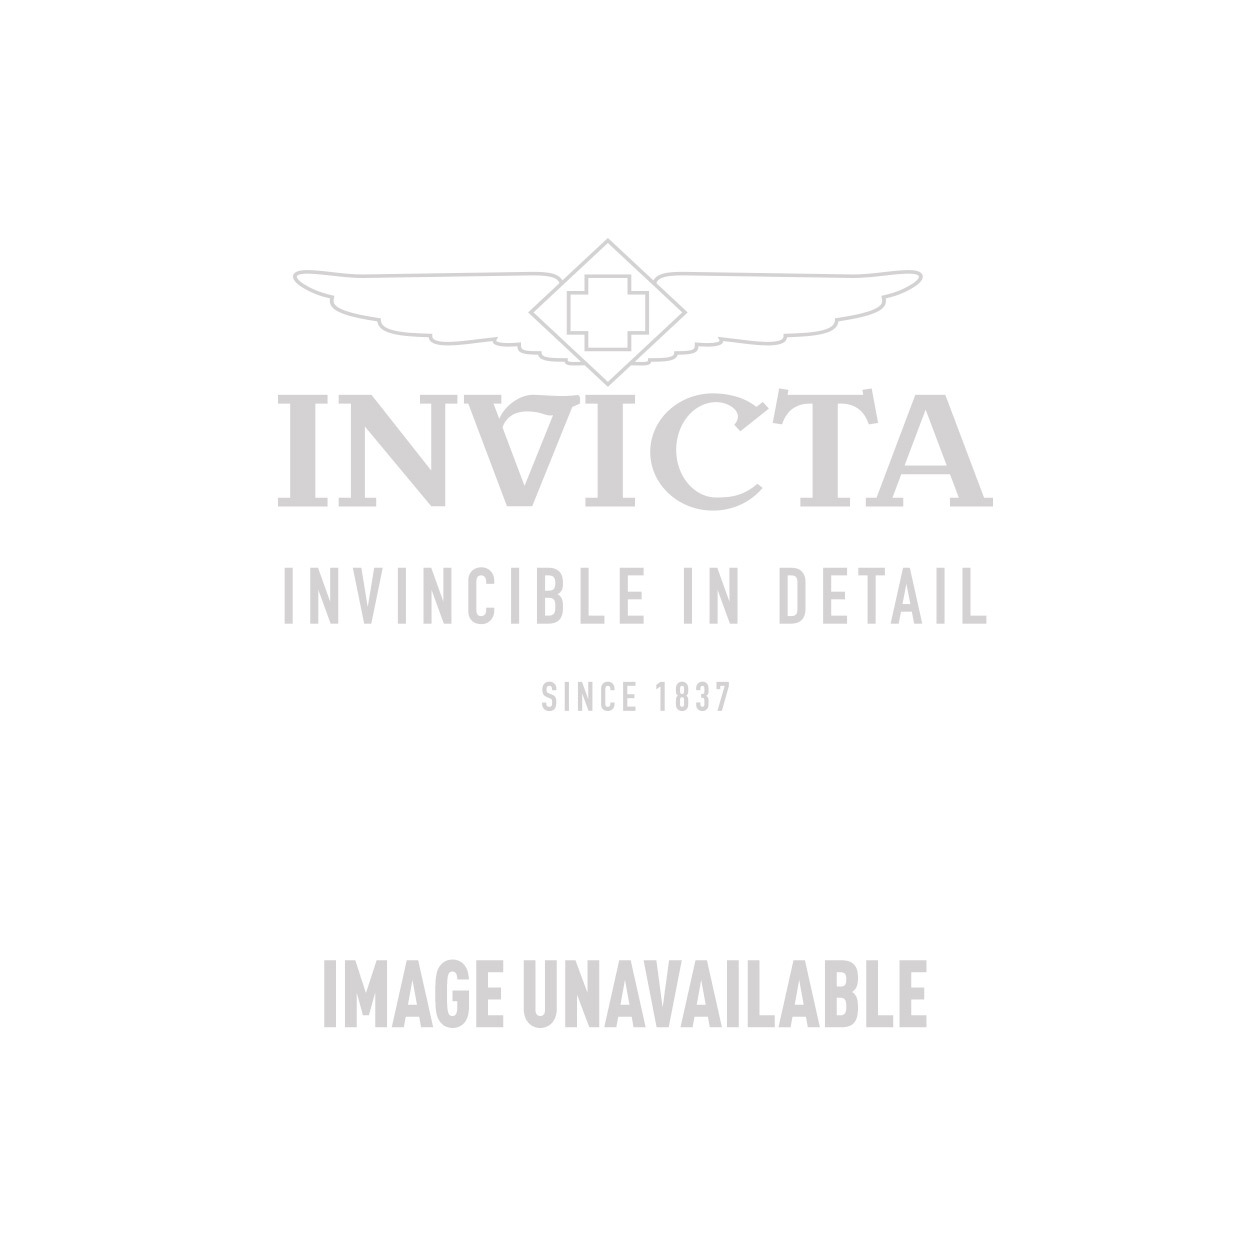 Invicta Model 29380